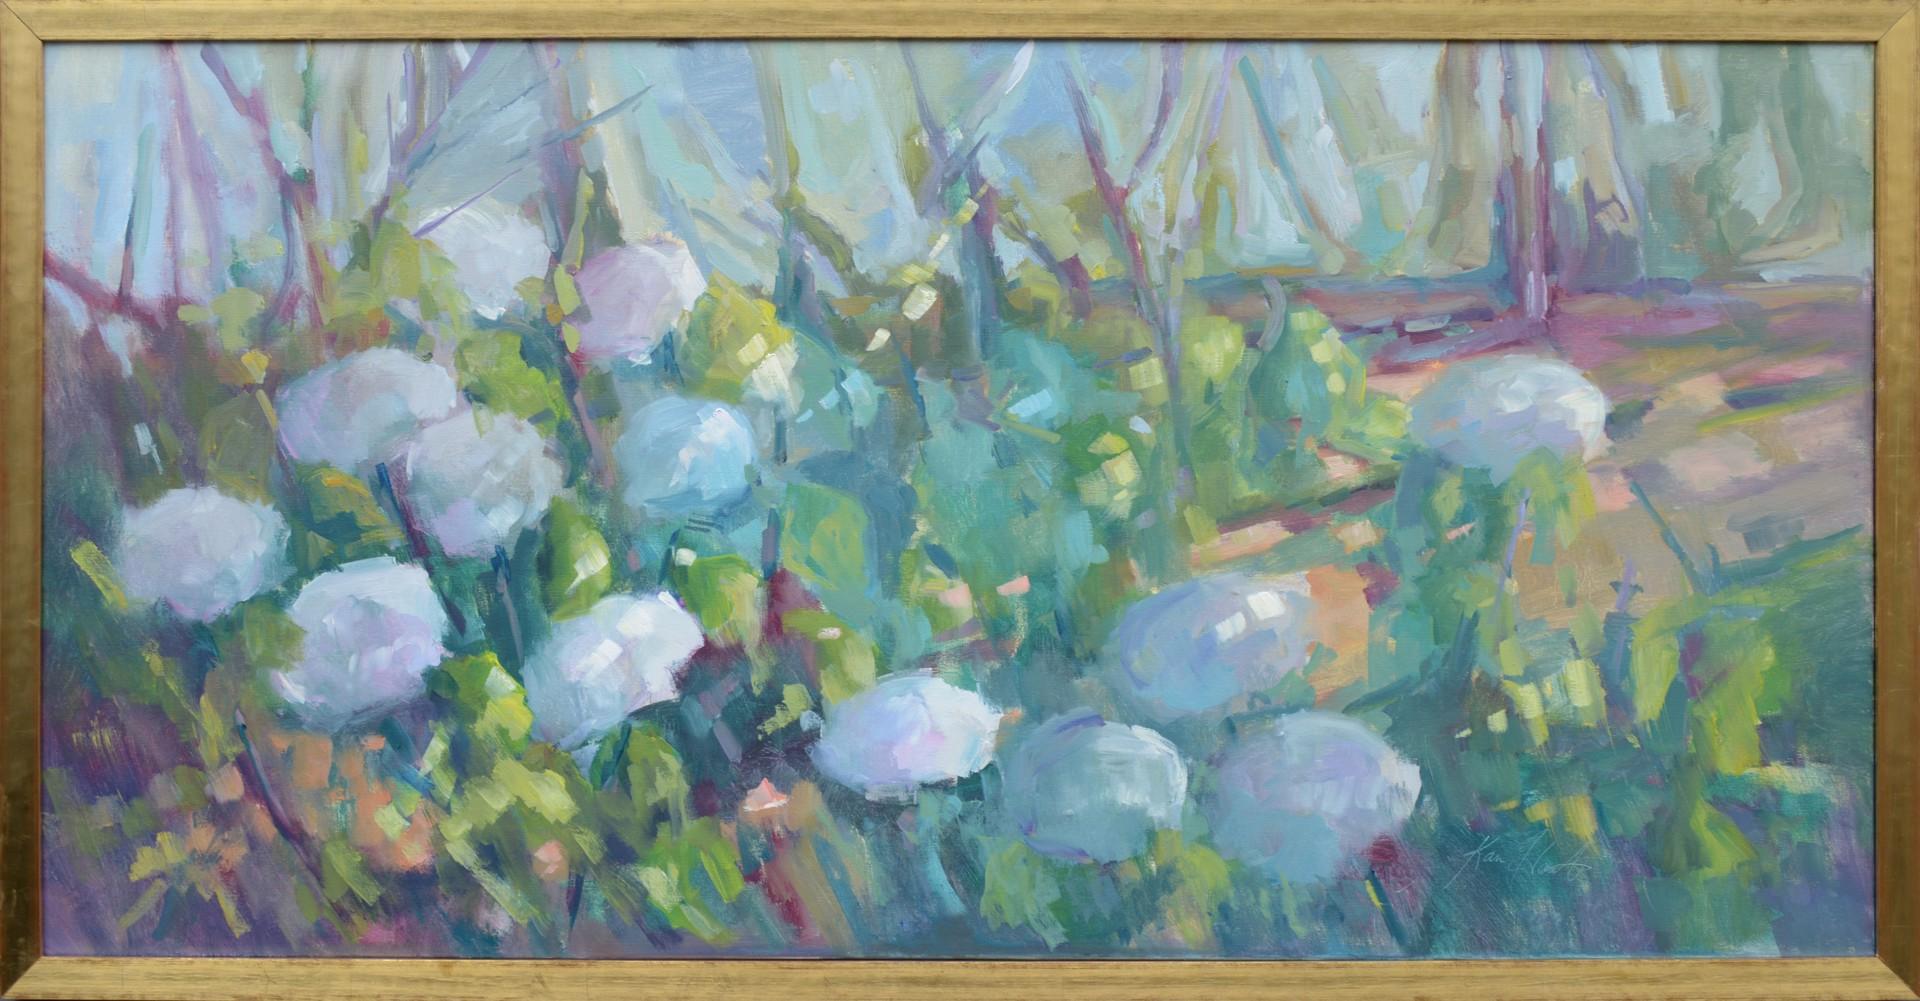 Hydrangeas in the Daylight by Karen Hewitt Hagan